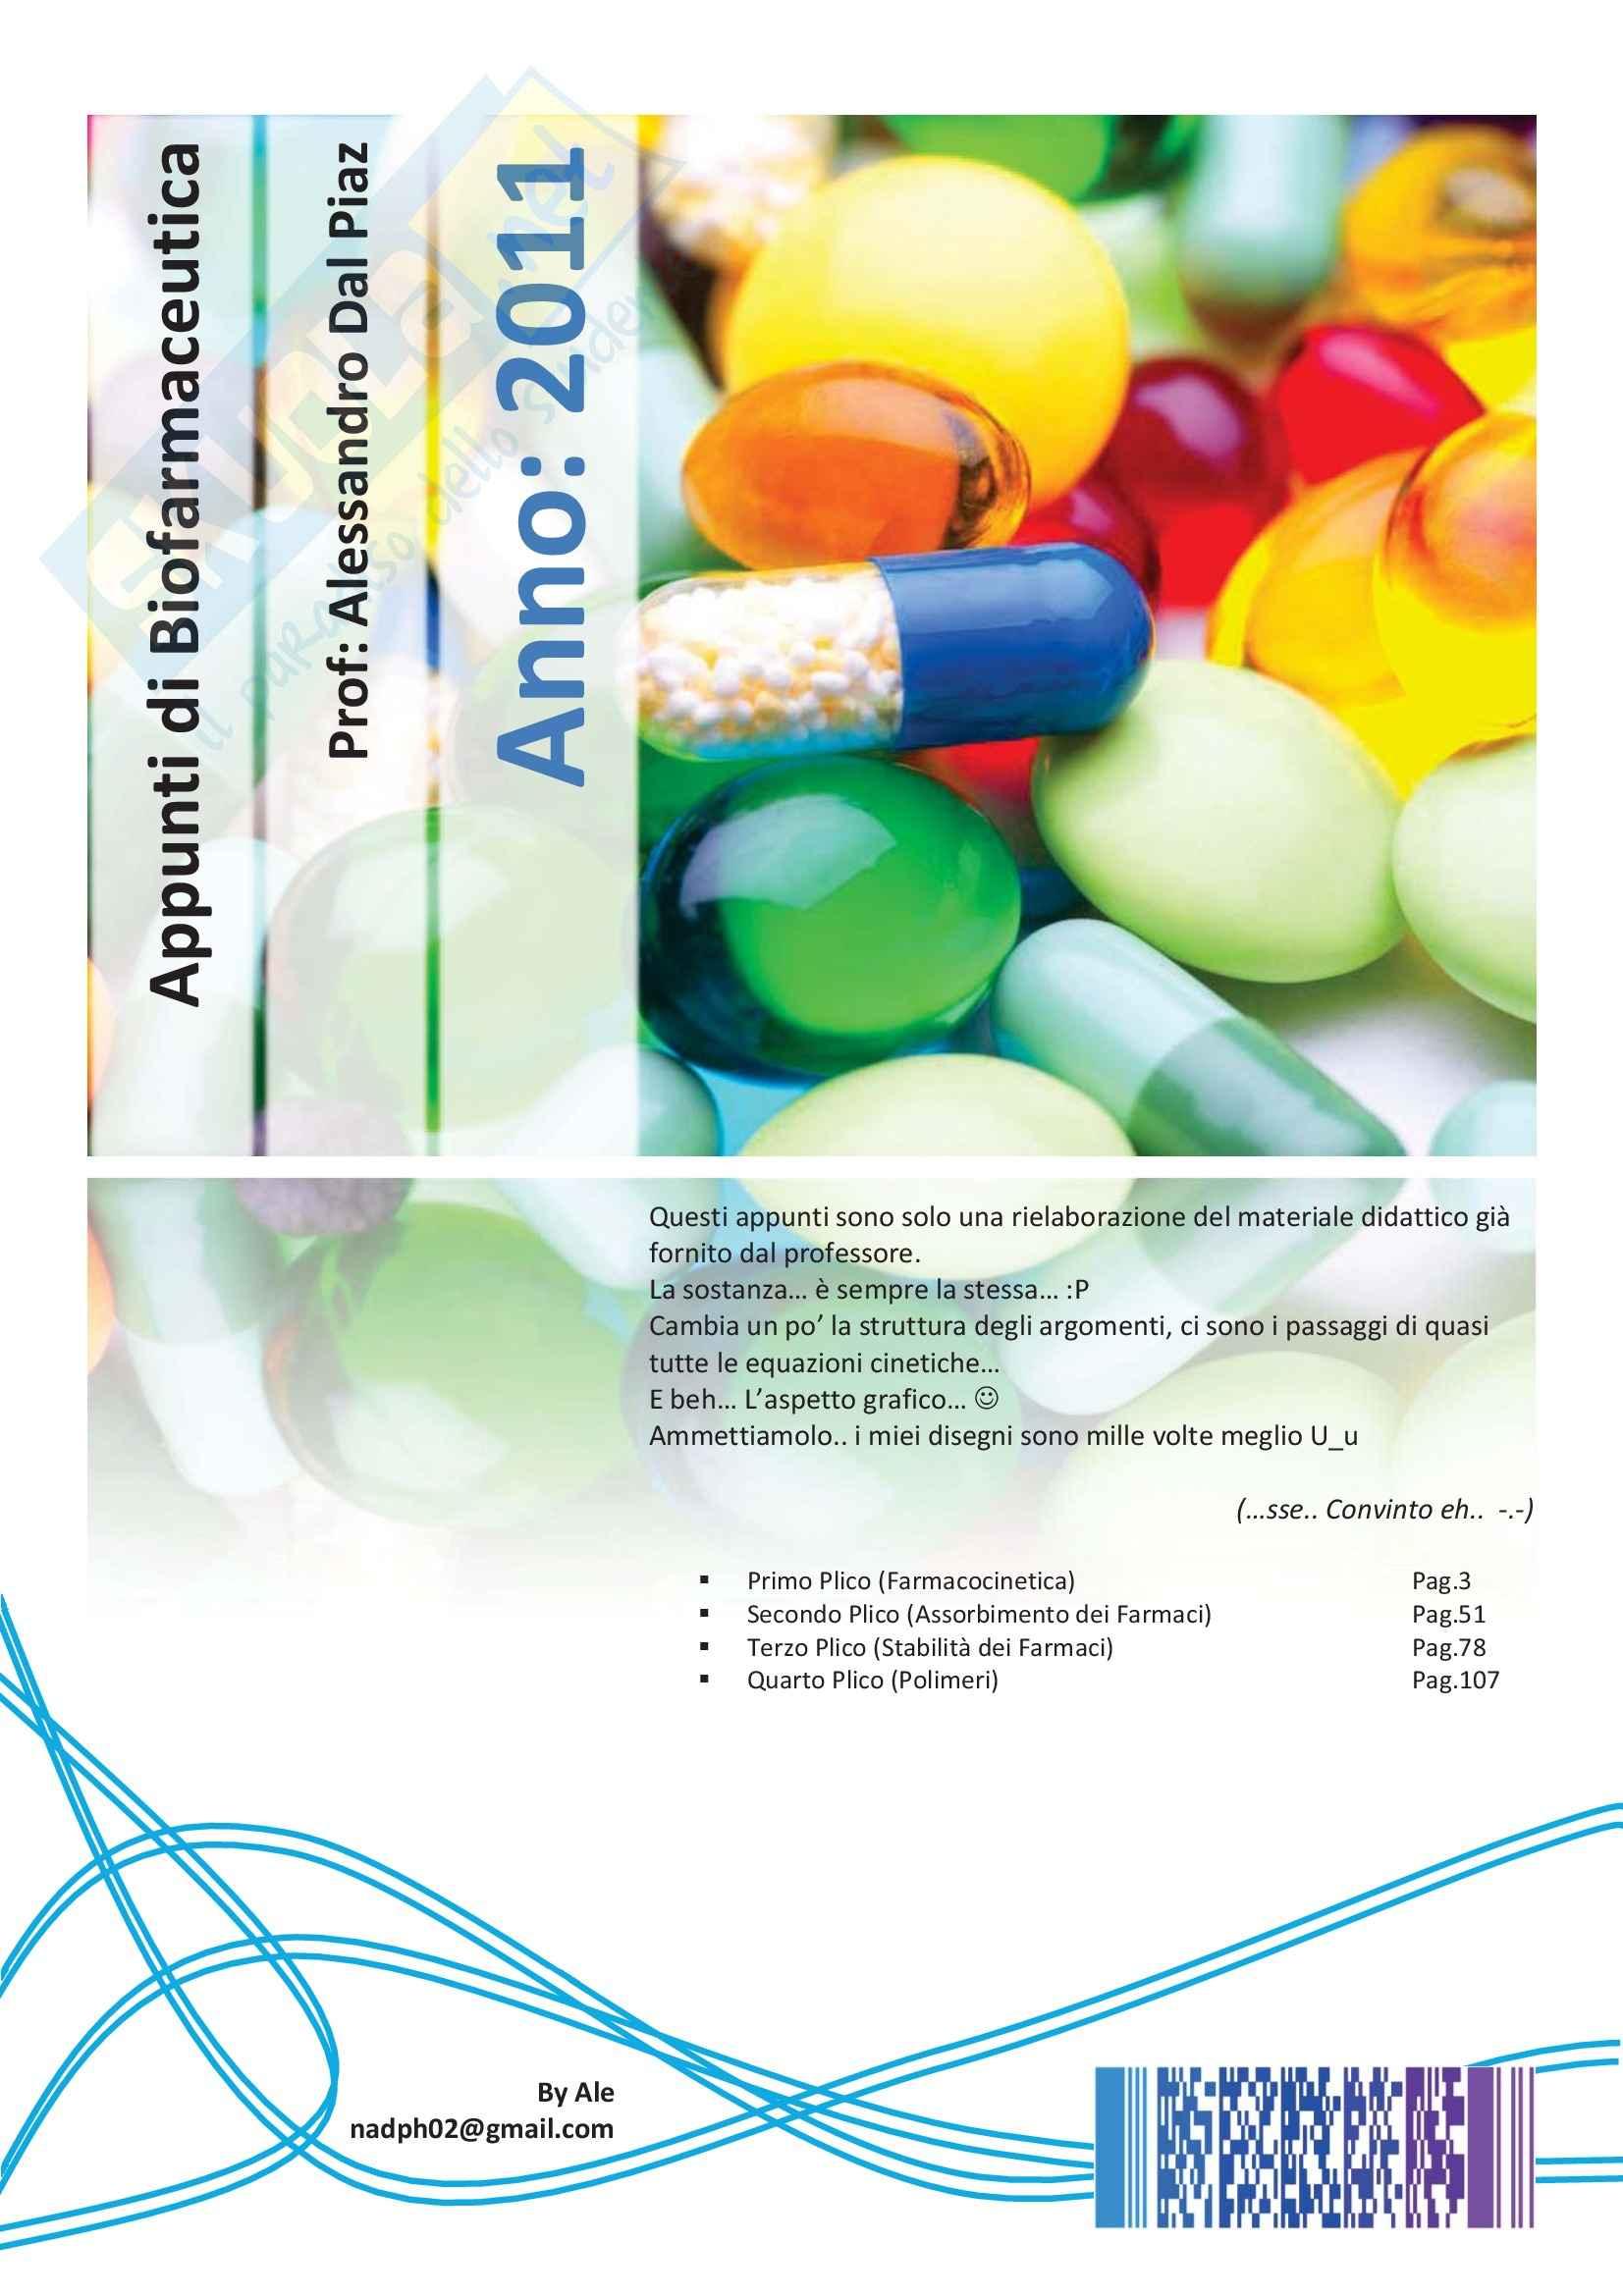 Biofarmaceutica - Appunti